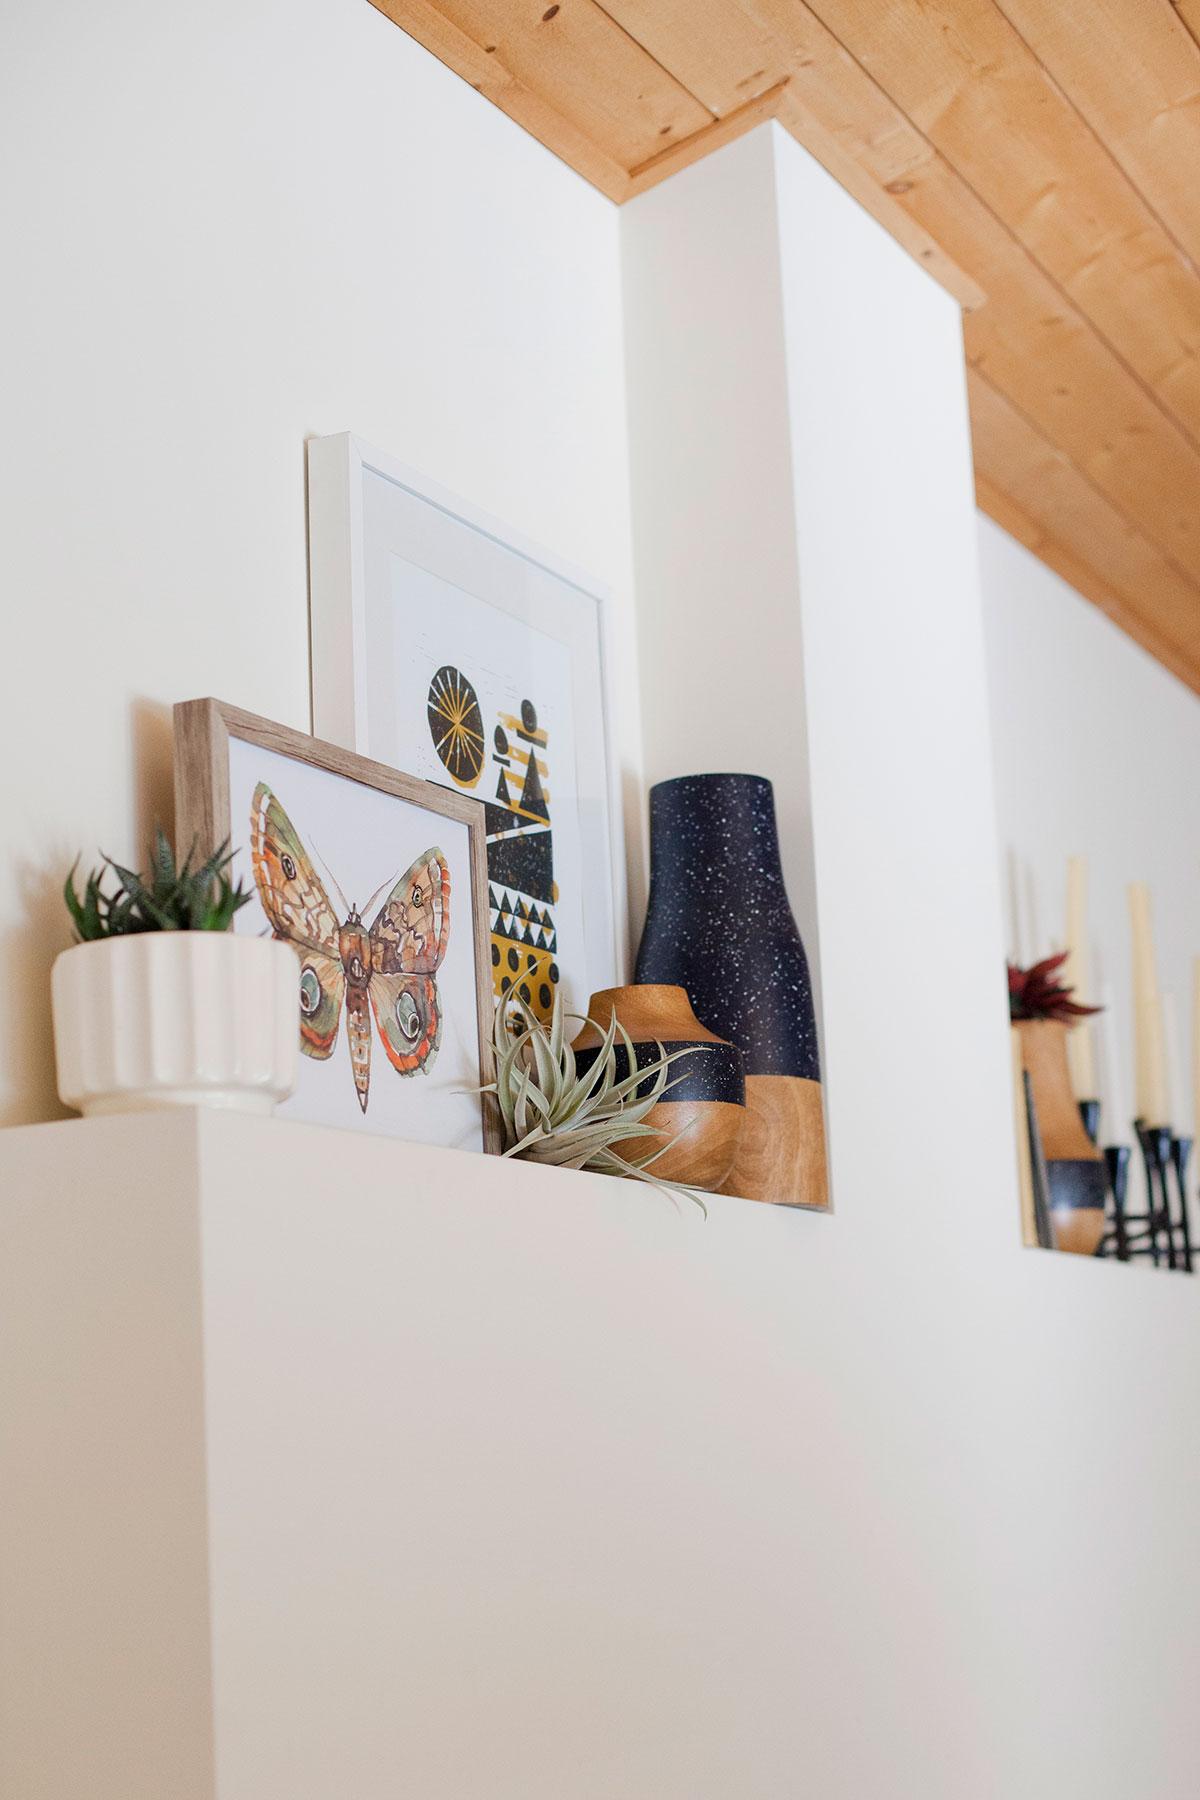 cindy-courson-encinitas-interior-designer-15.jpg